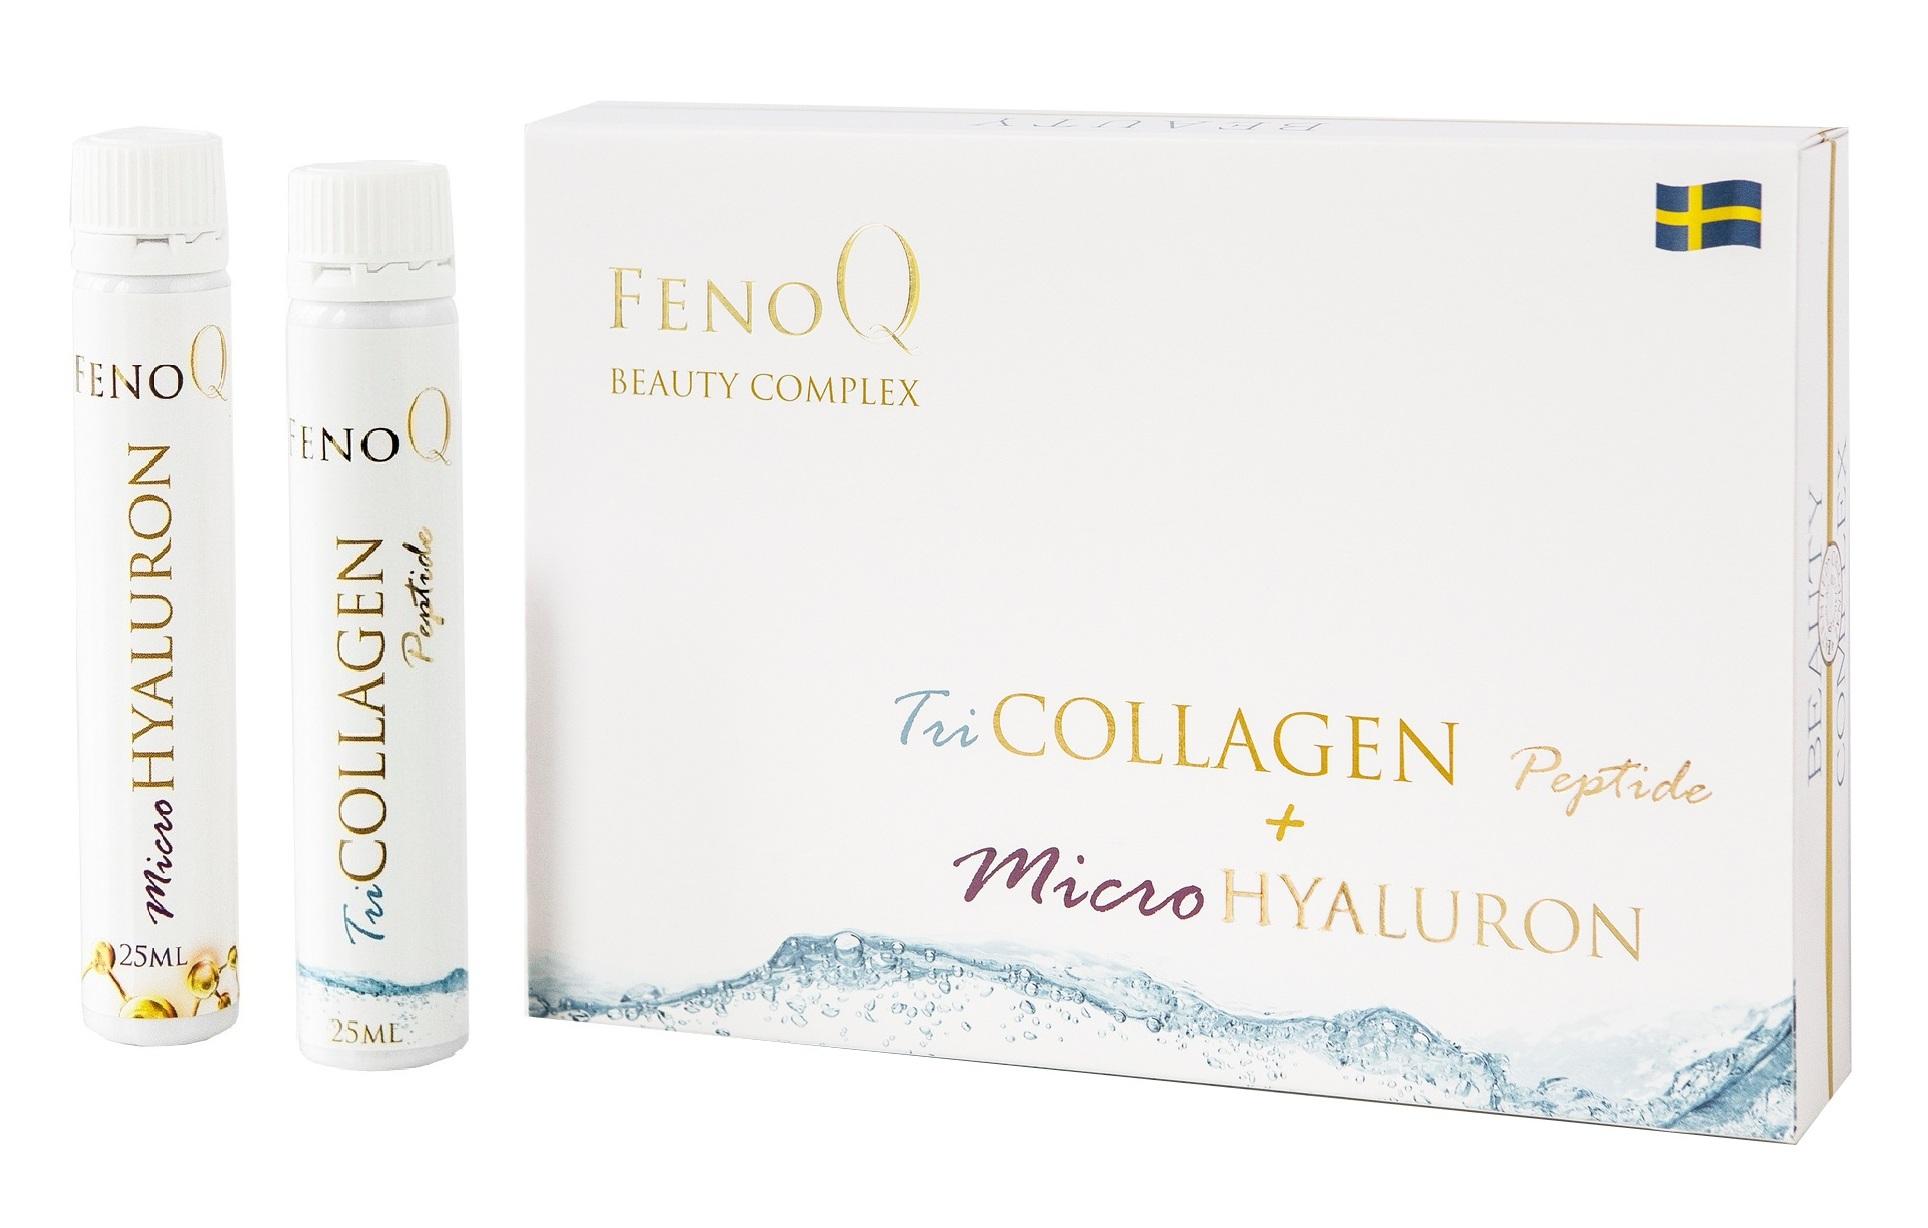 Купить FENOQ TRICOLLAGEN Добавка биологически активная Фенок Бьюти комплекс / FenoQ Beauty Complex 28*25 мл